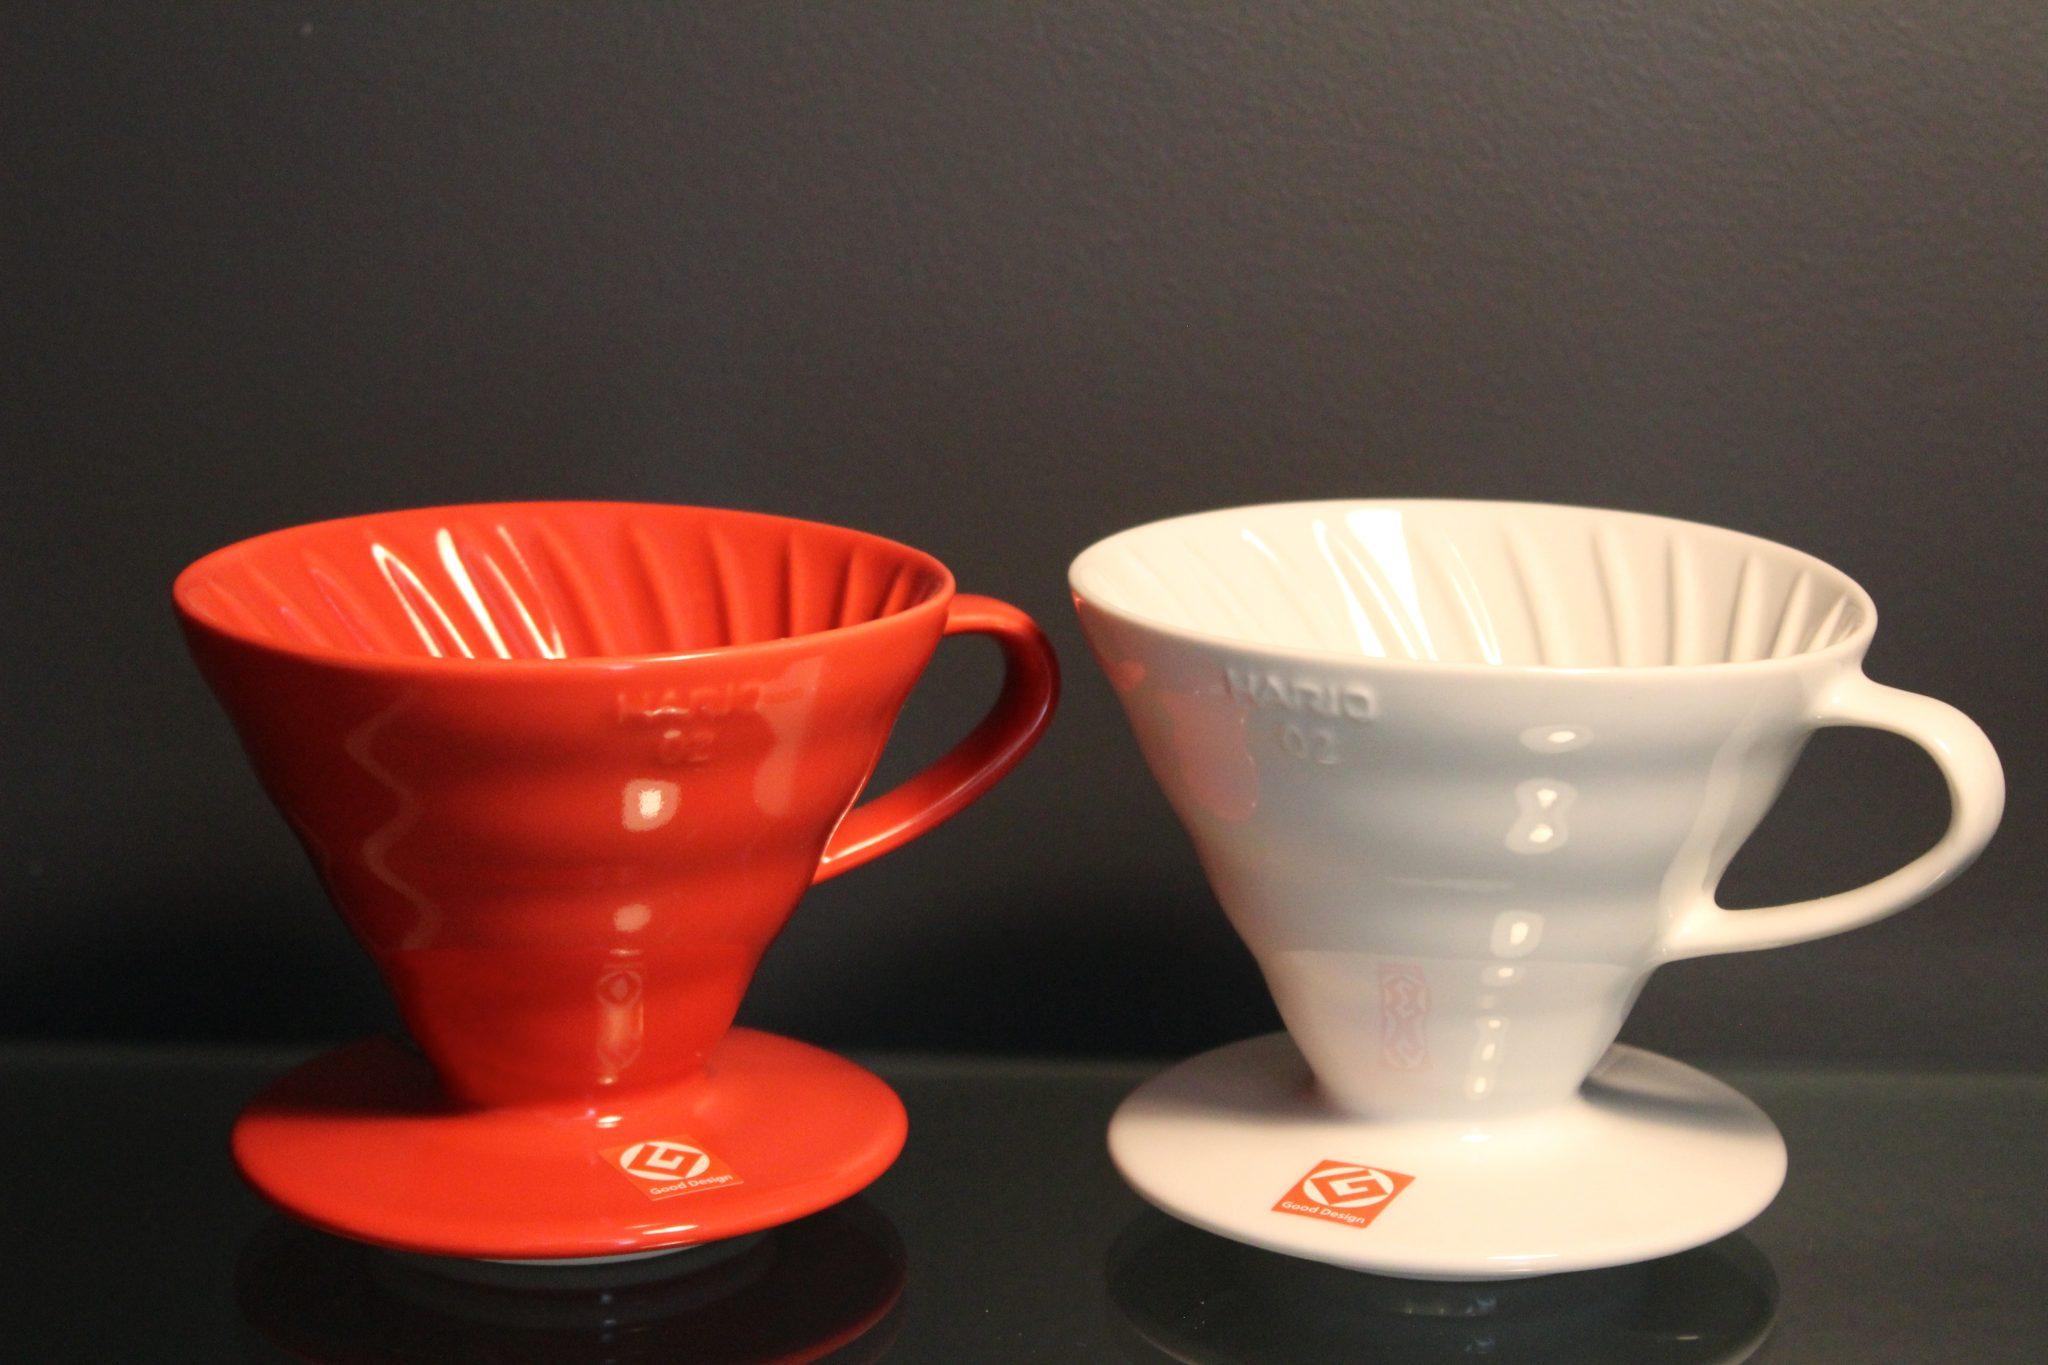 Hario V60 Ceramic Drippers, VD-02